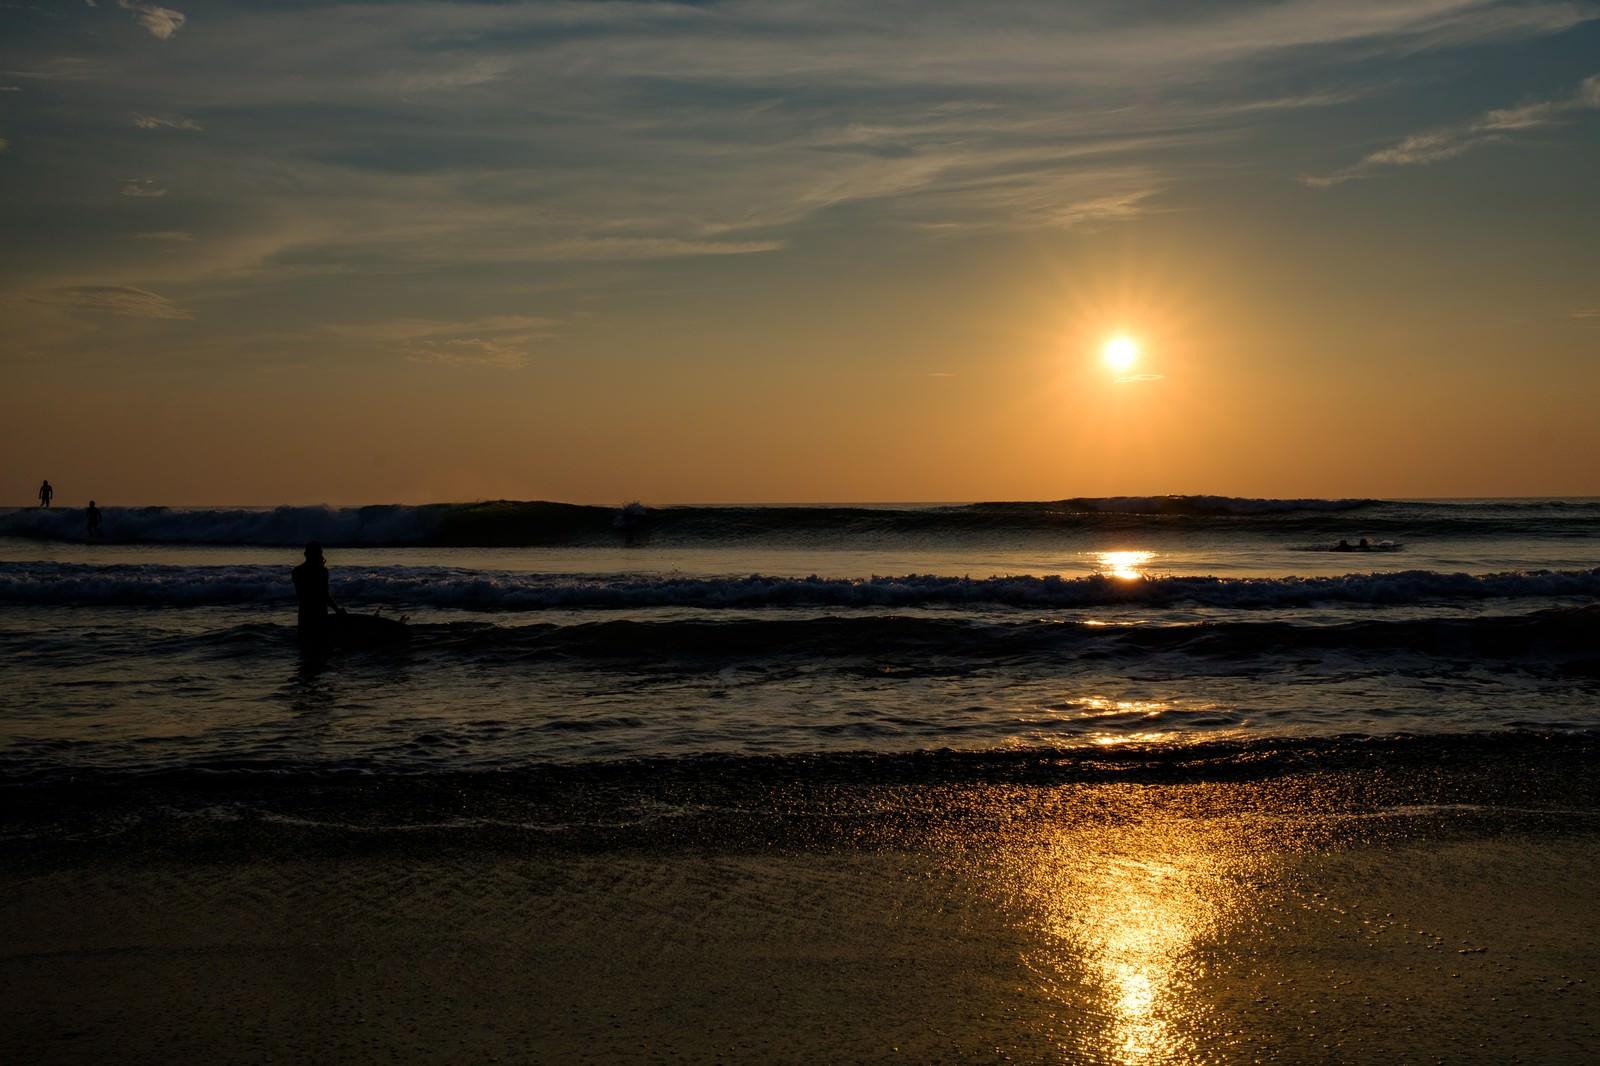 「朝日を背に高波に挑むサーファー達(千葉県一宮町)朝日を背に高波に挑むサーファー達(千葉県一宮町)」のフリー写真素材を拡大